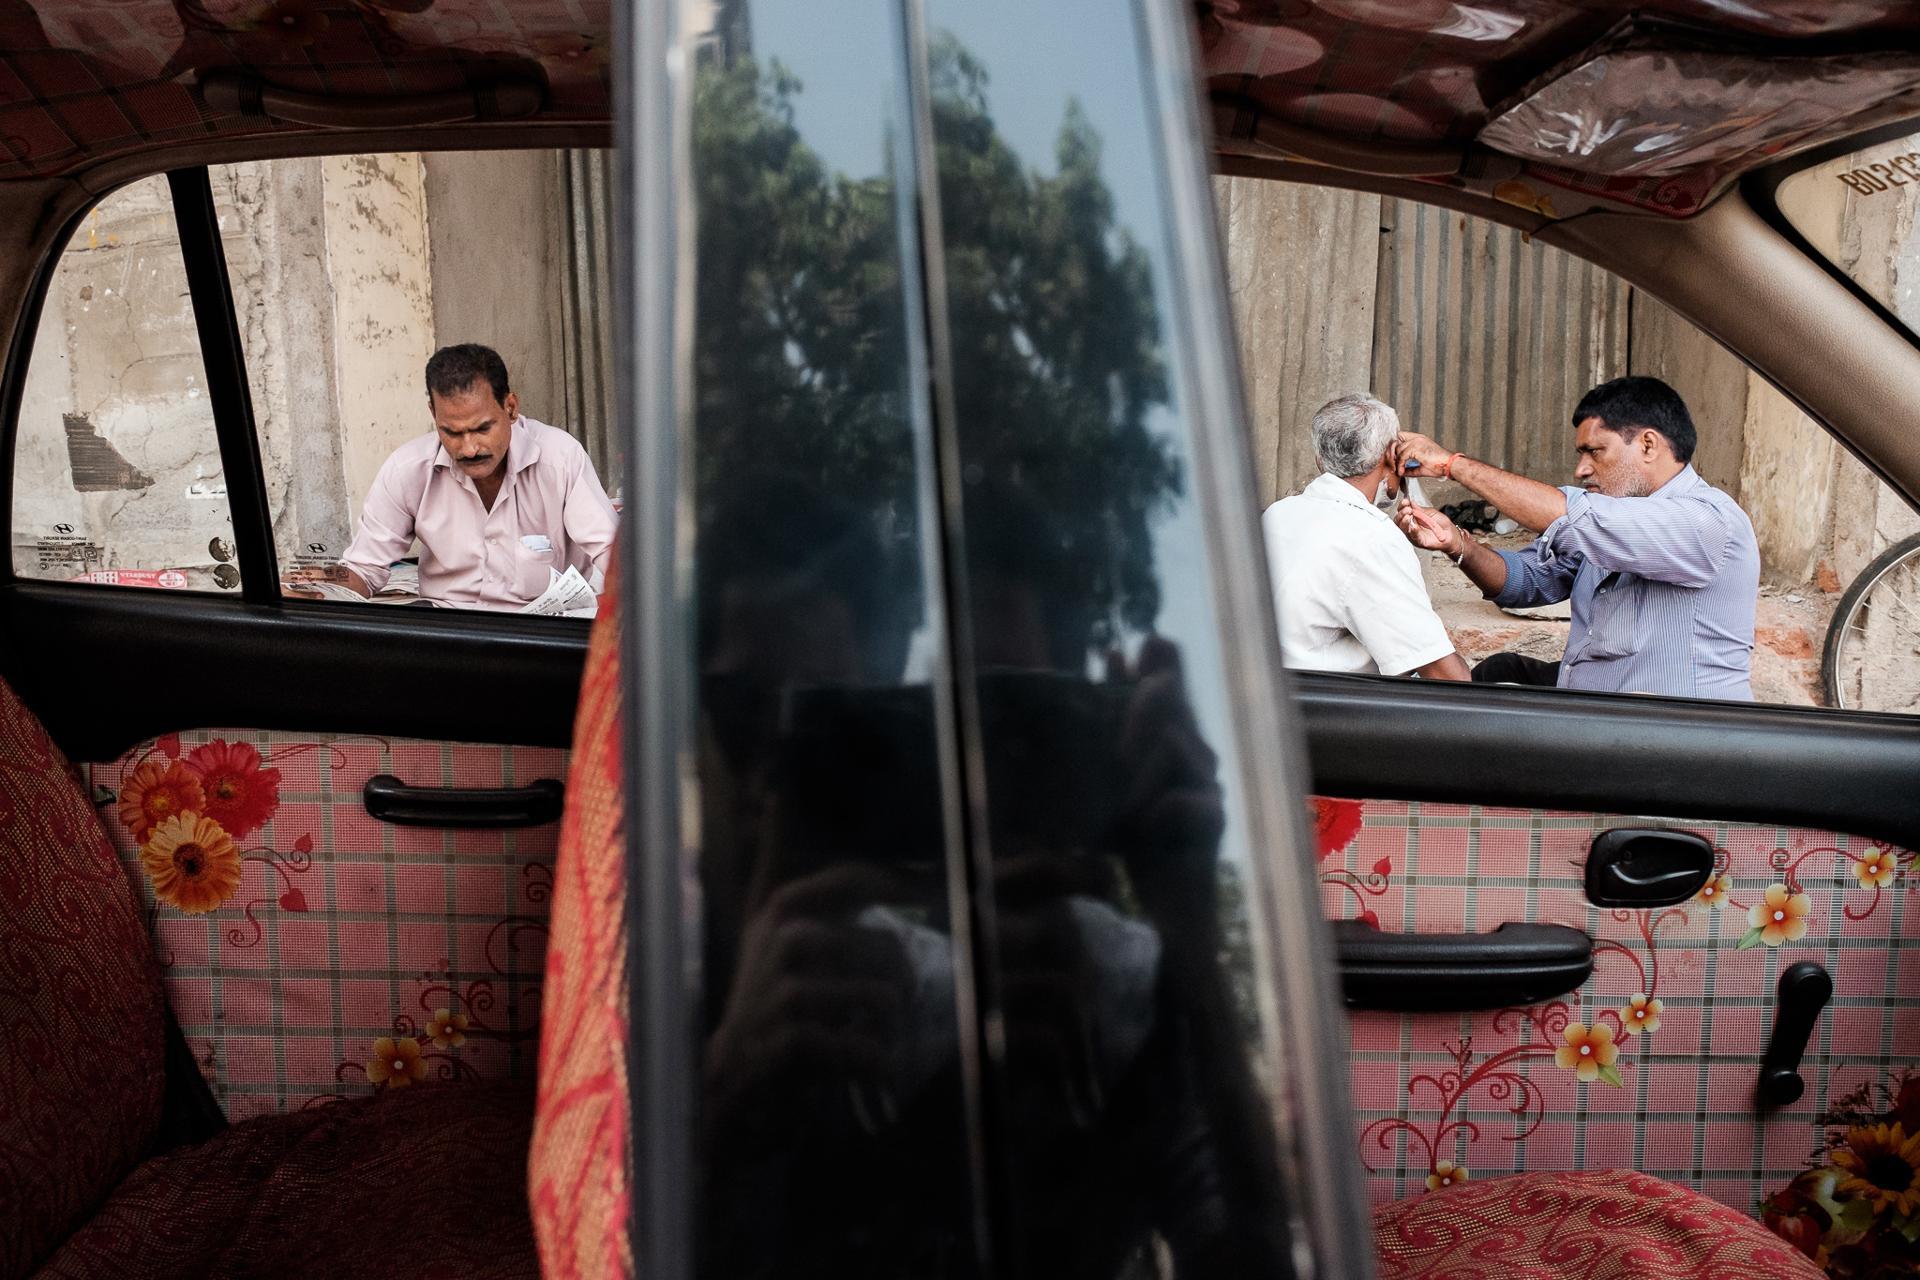 Inside an indian car, Mumbai, India